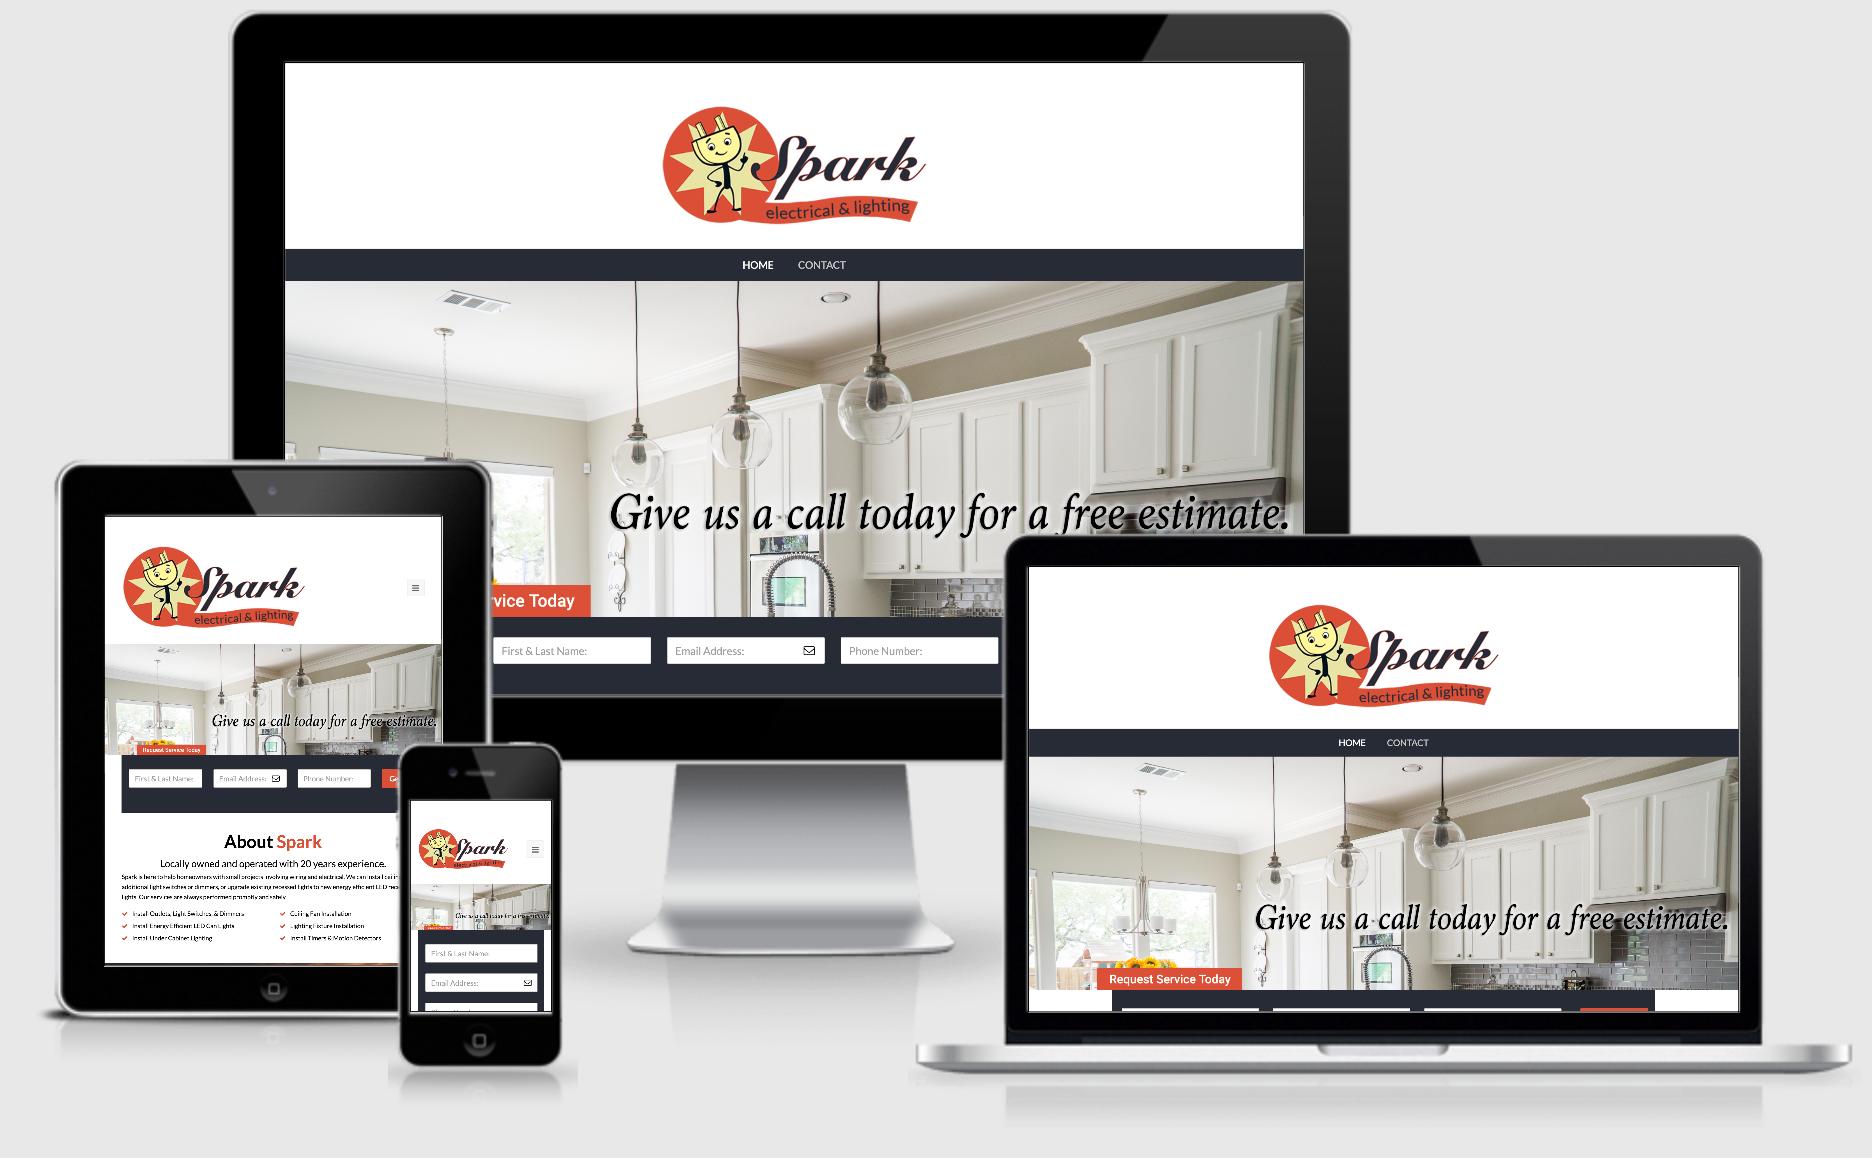 spark electrical responsive website design image